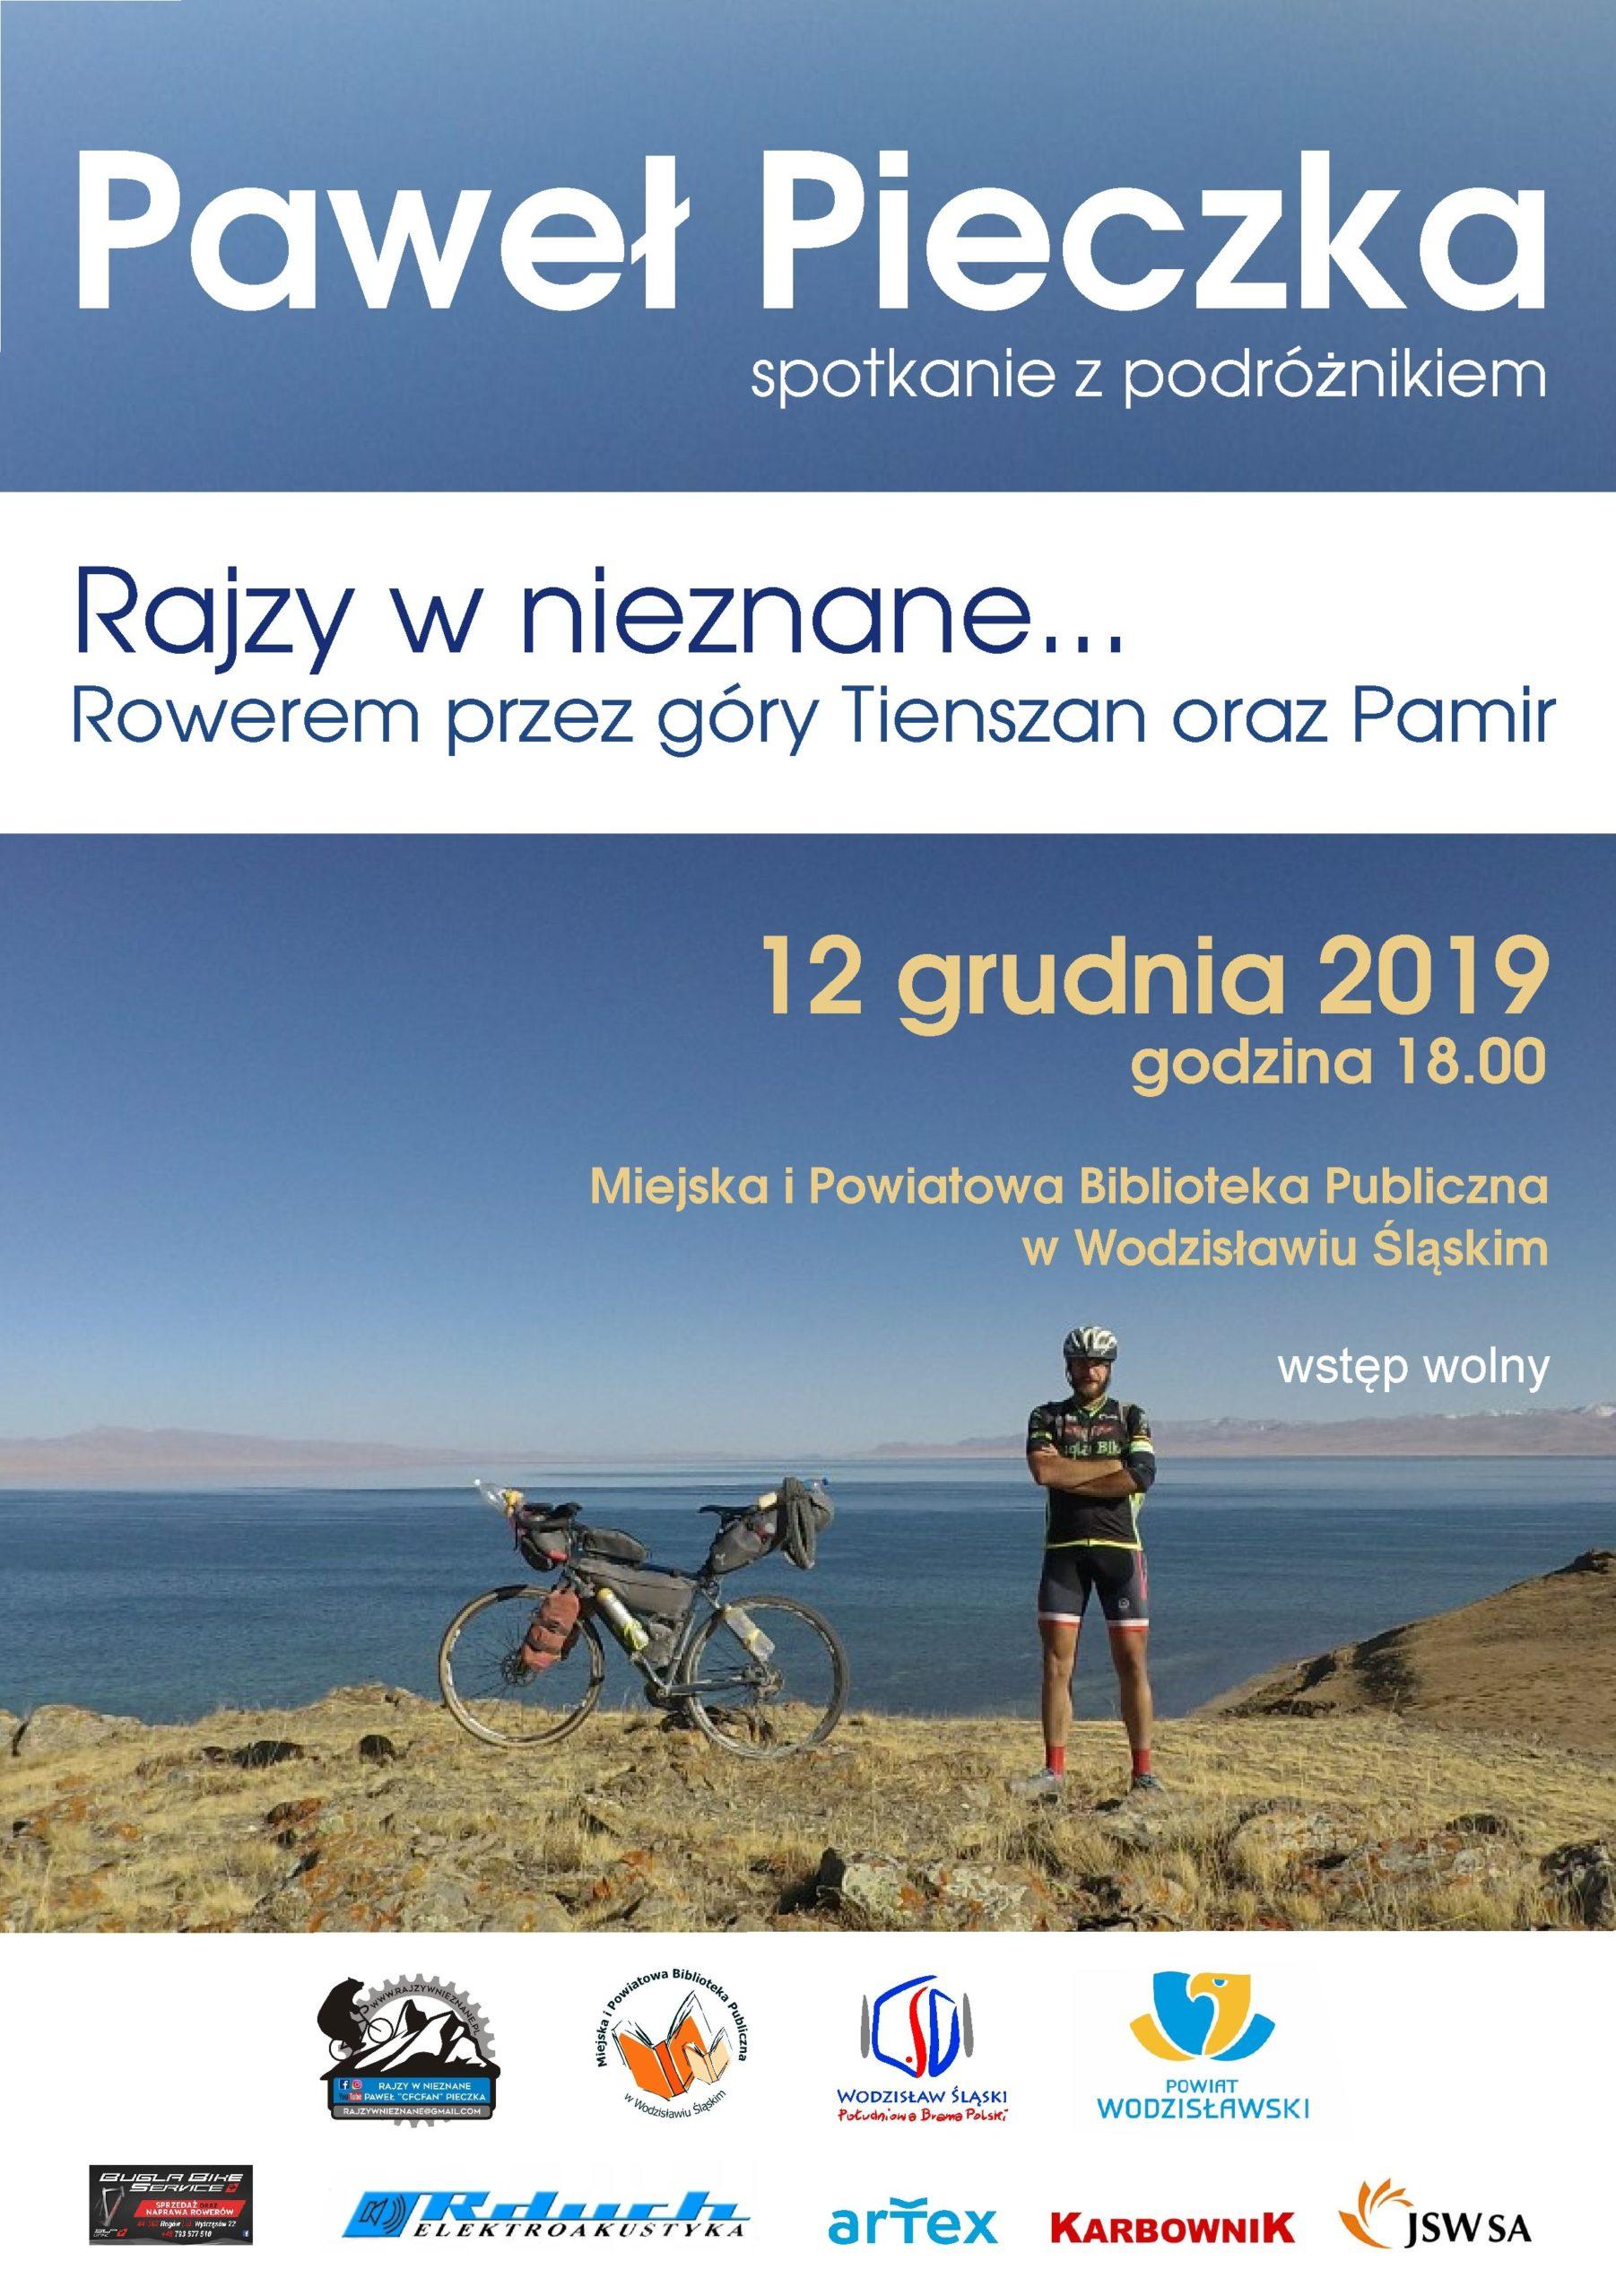 SPOTKANIE Z PAWŁEM PIECZKĄ – 12 Grudnia 2019 – Godz. 18.00